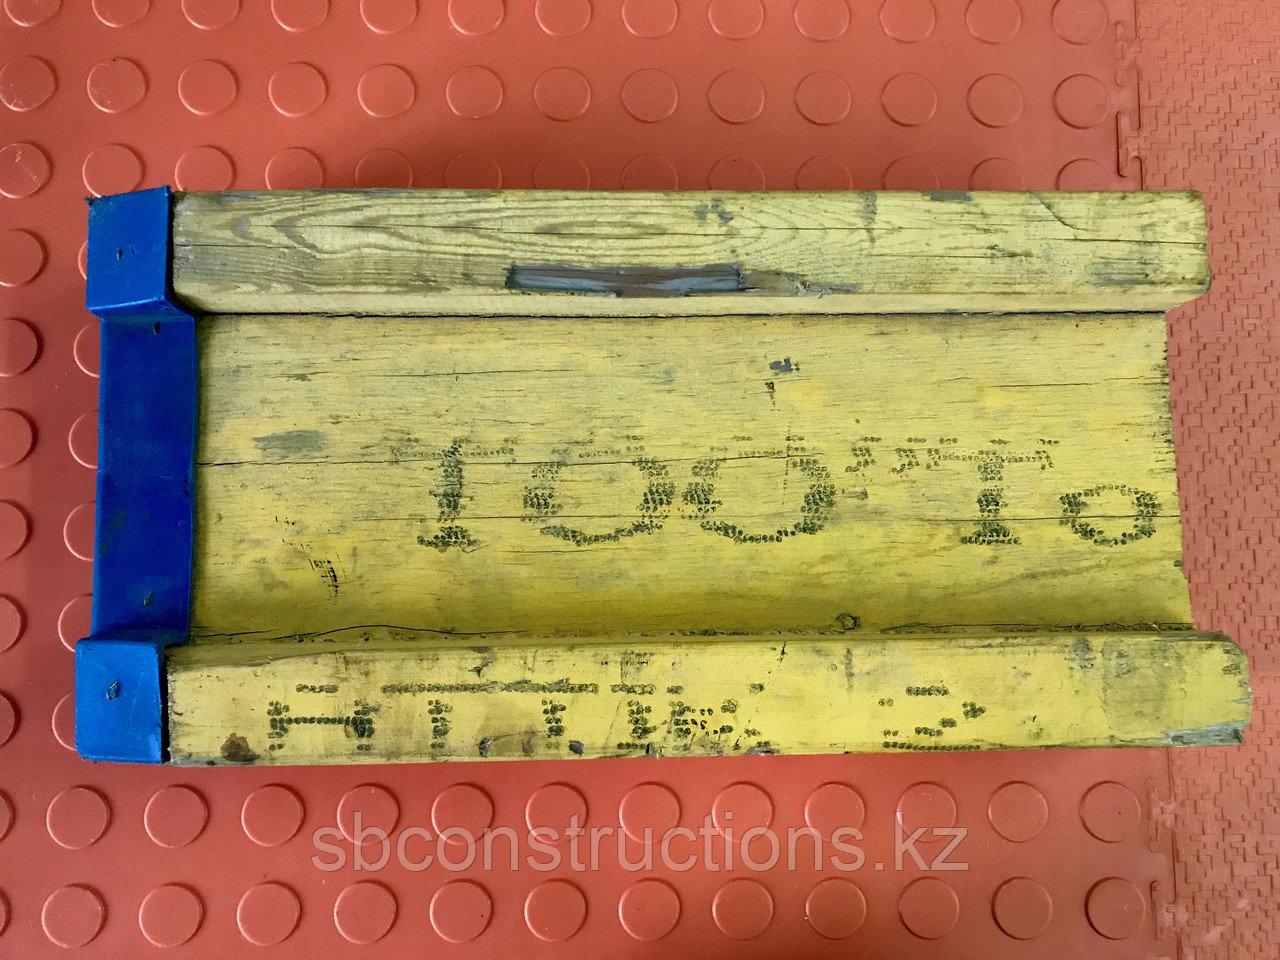 Балка деревянная Н 20 для опалубки перекрытия